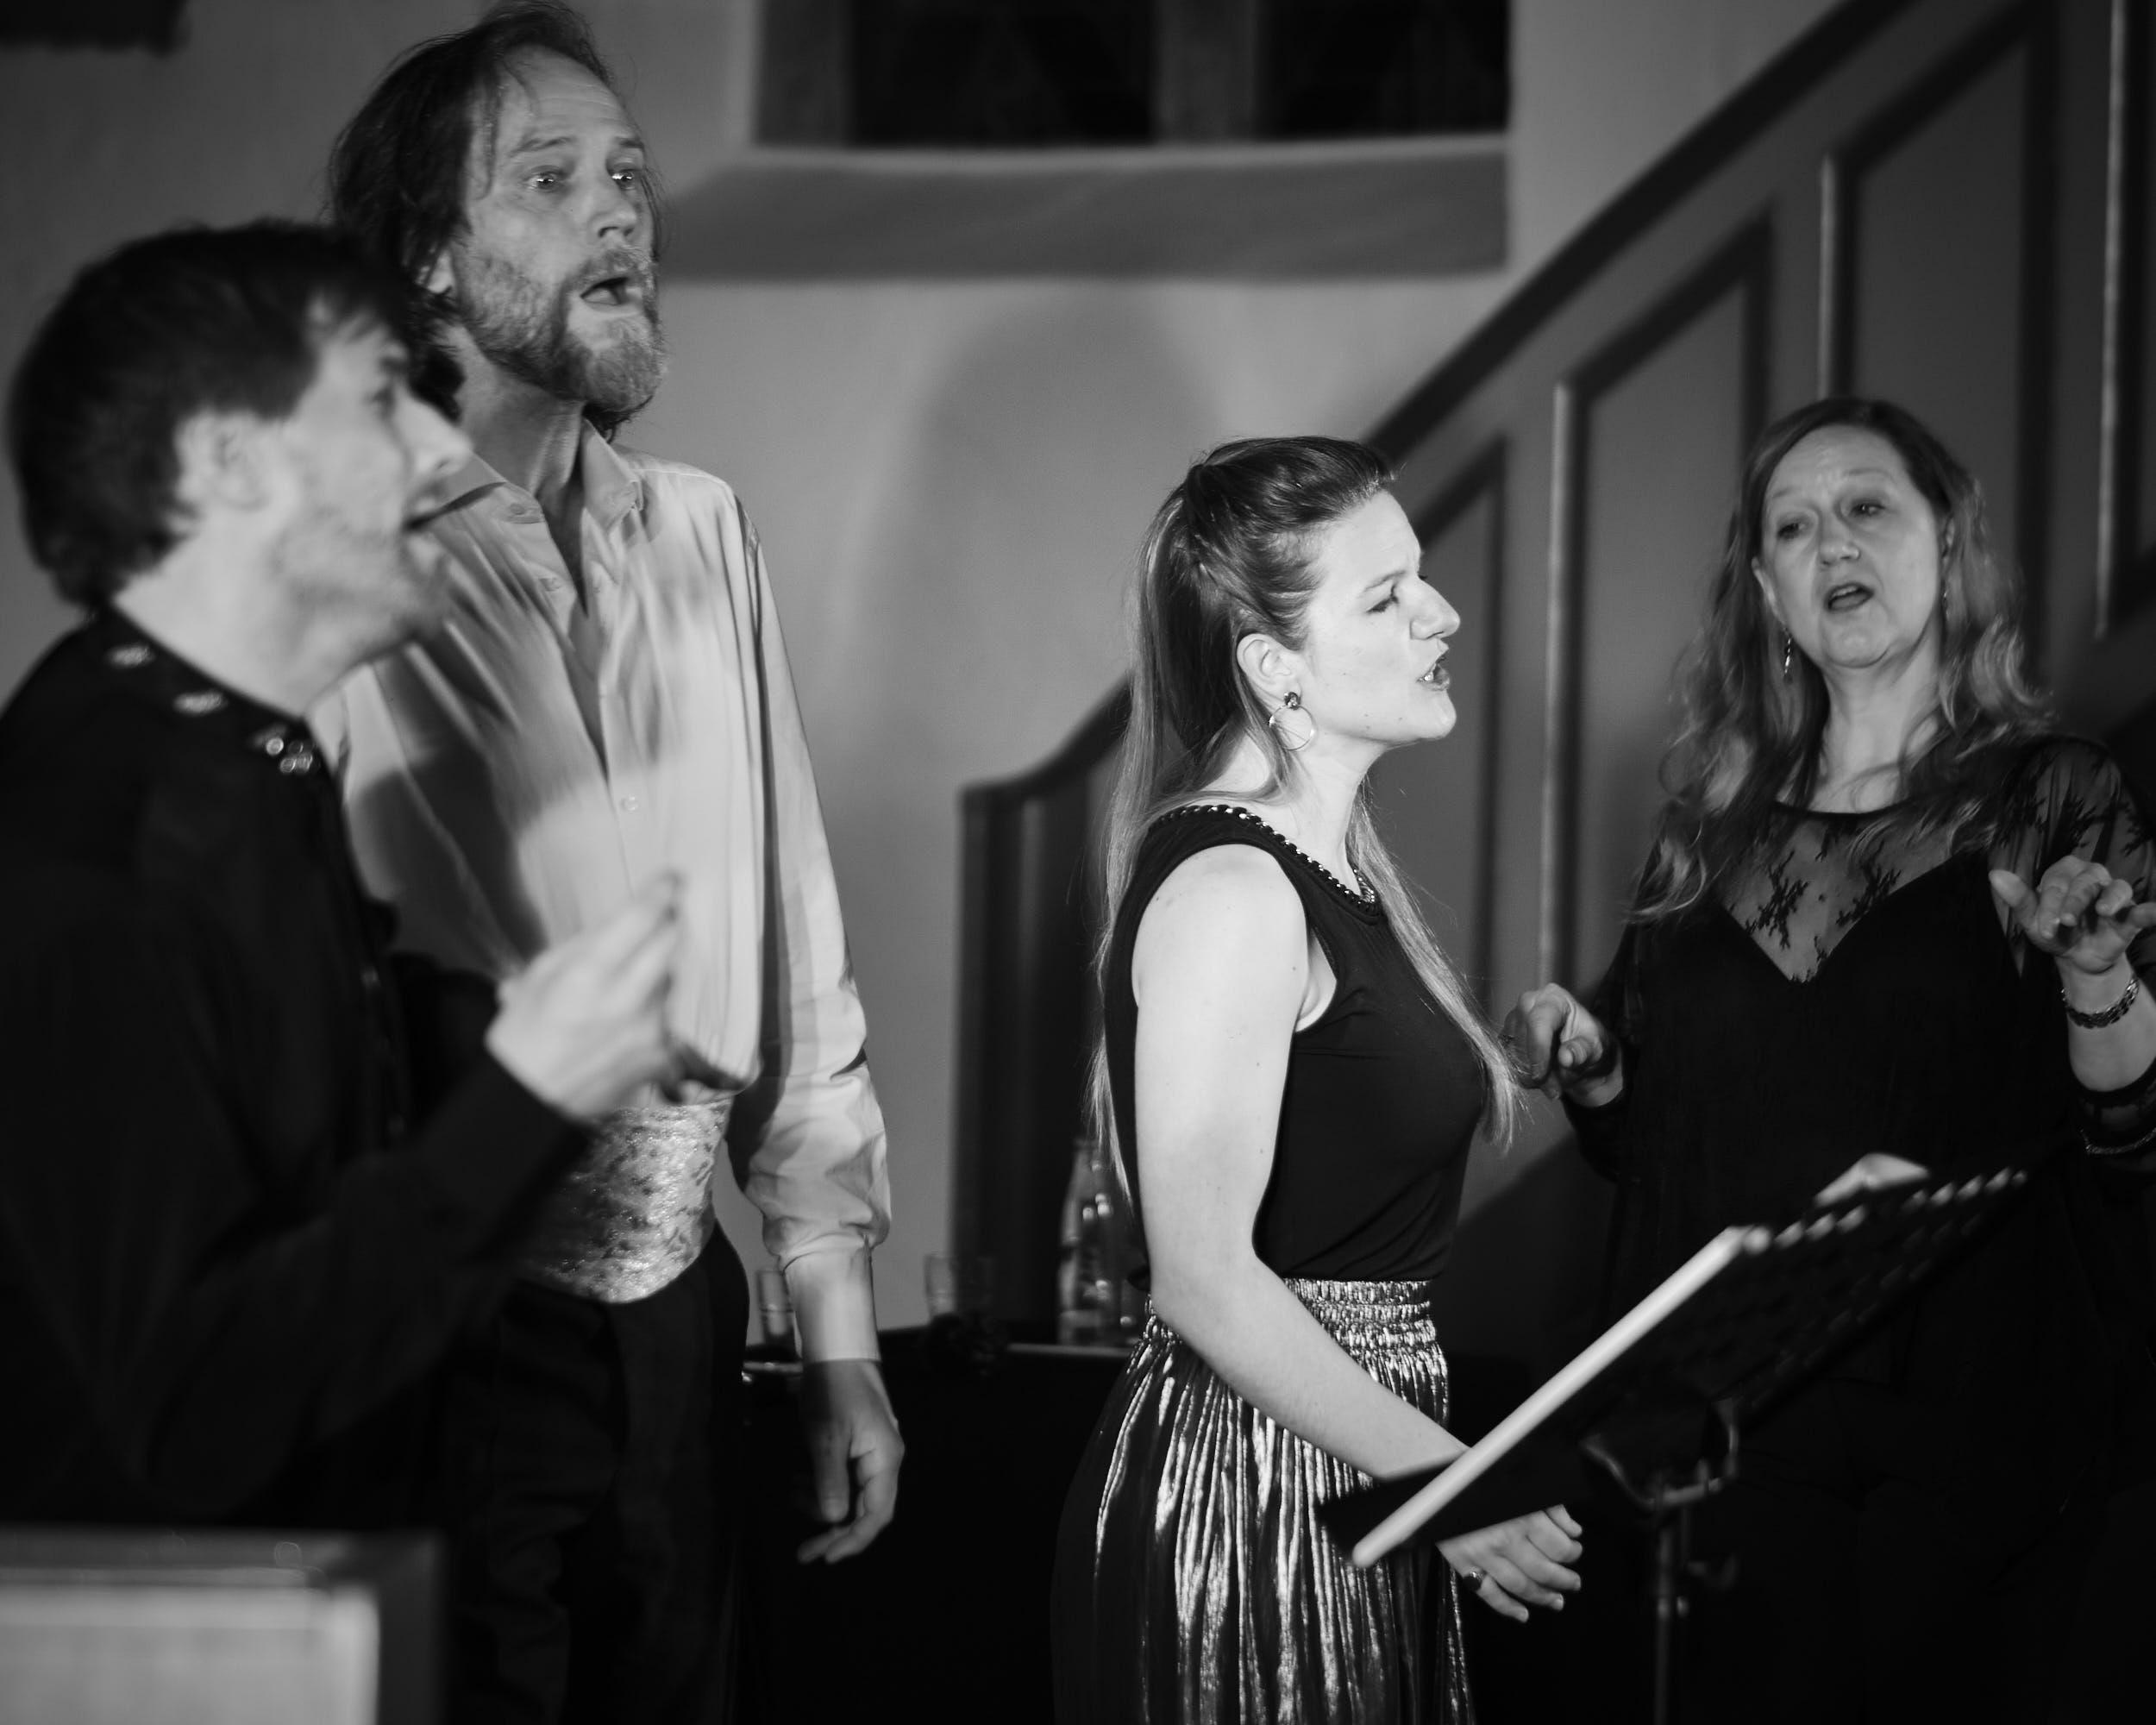 Myléne Kroon Mezzosopran Spread Voice Konzert St.-Stephanskirche Vlotho 2020